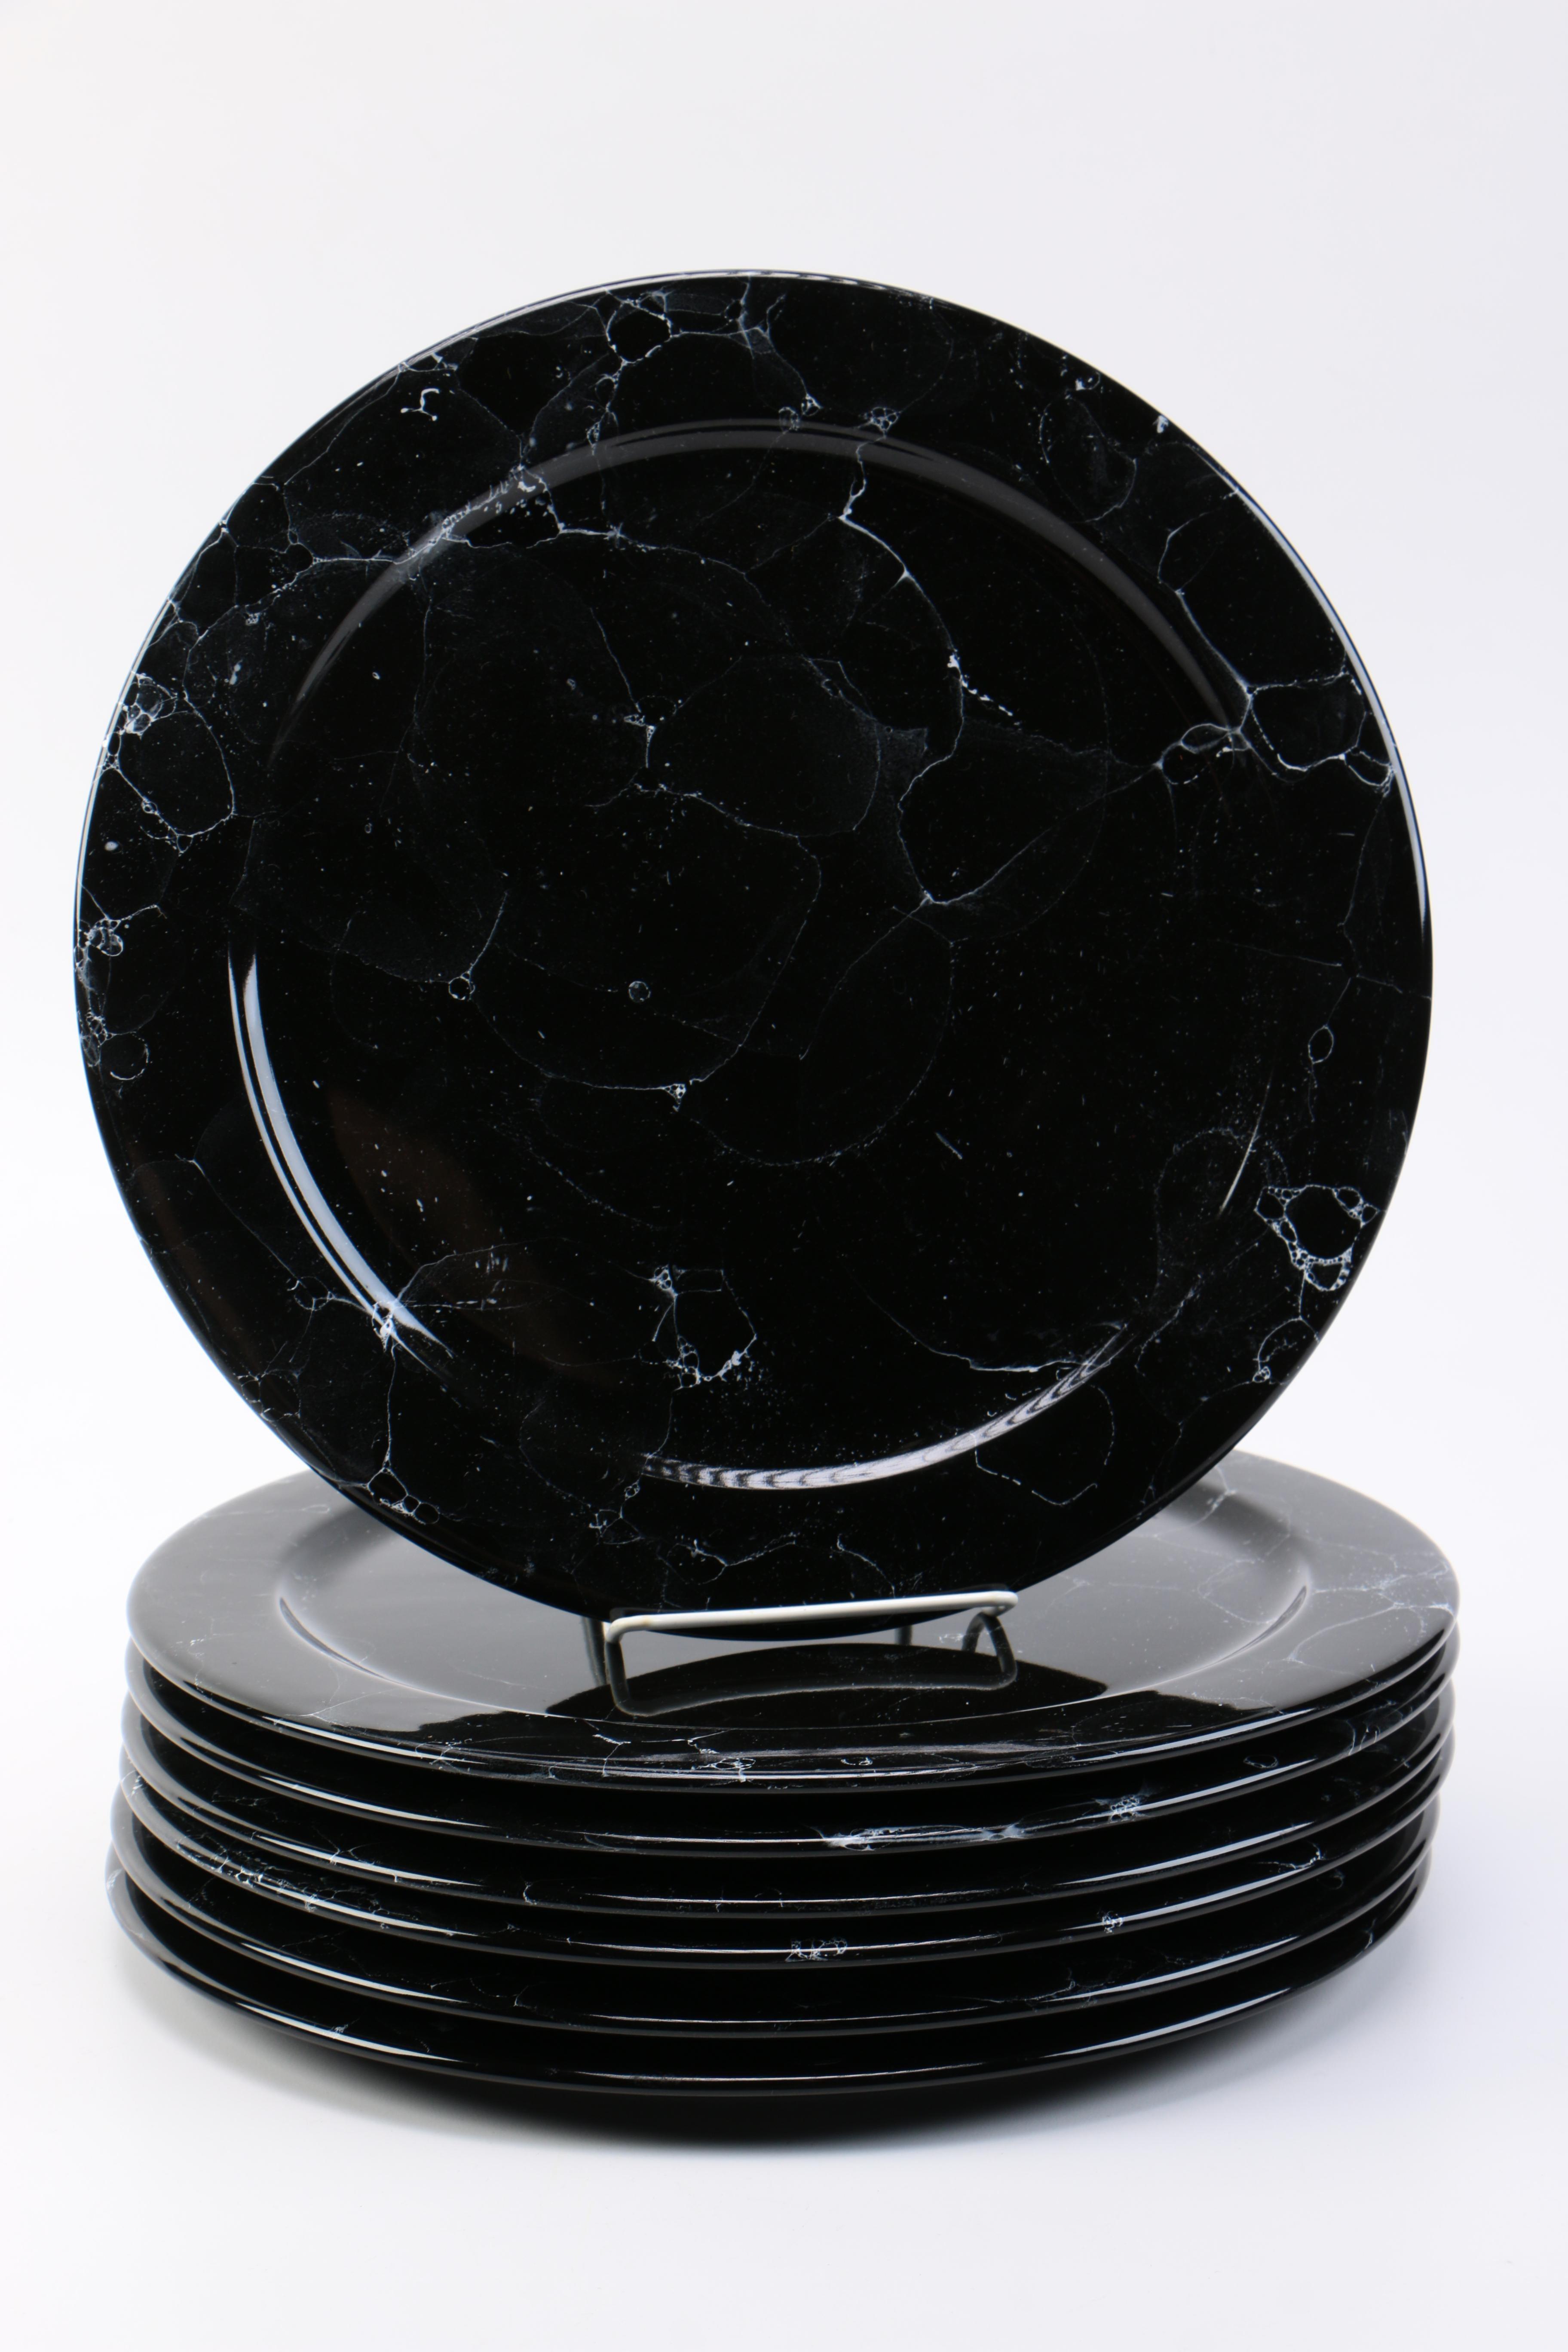 Waechtersbach  Marble Black  Ceramic Plates ... & Waechtersbach